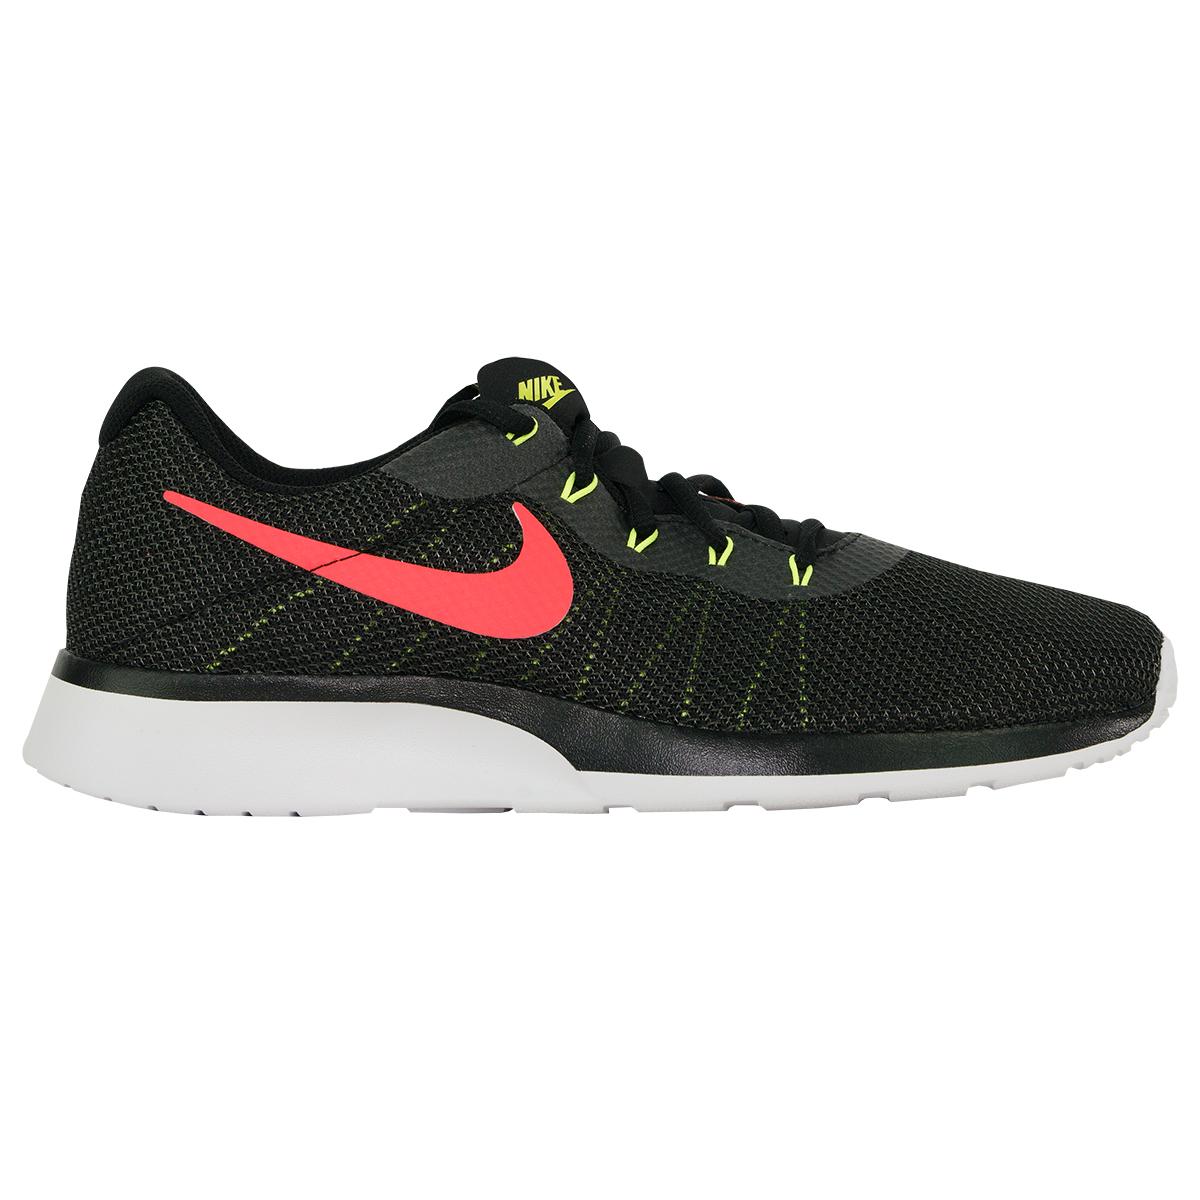 Details about Nike Men's Tanjun Racer Running Shoes BlackSolar RedAnthracite 7